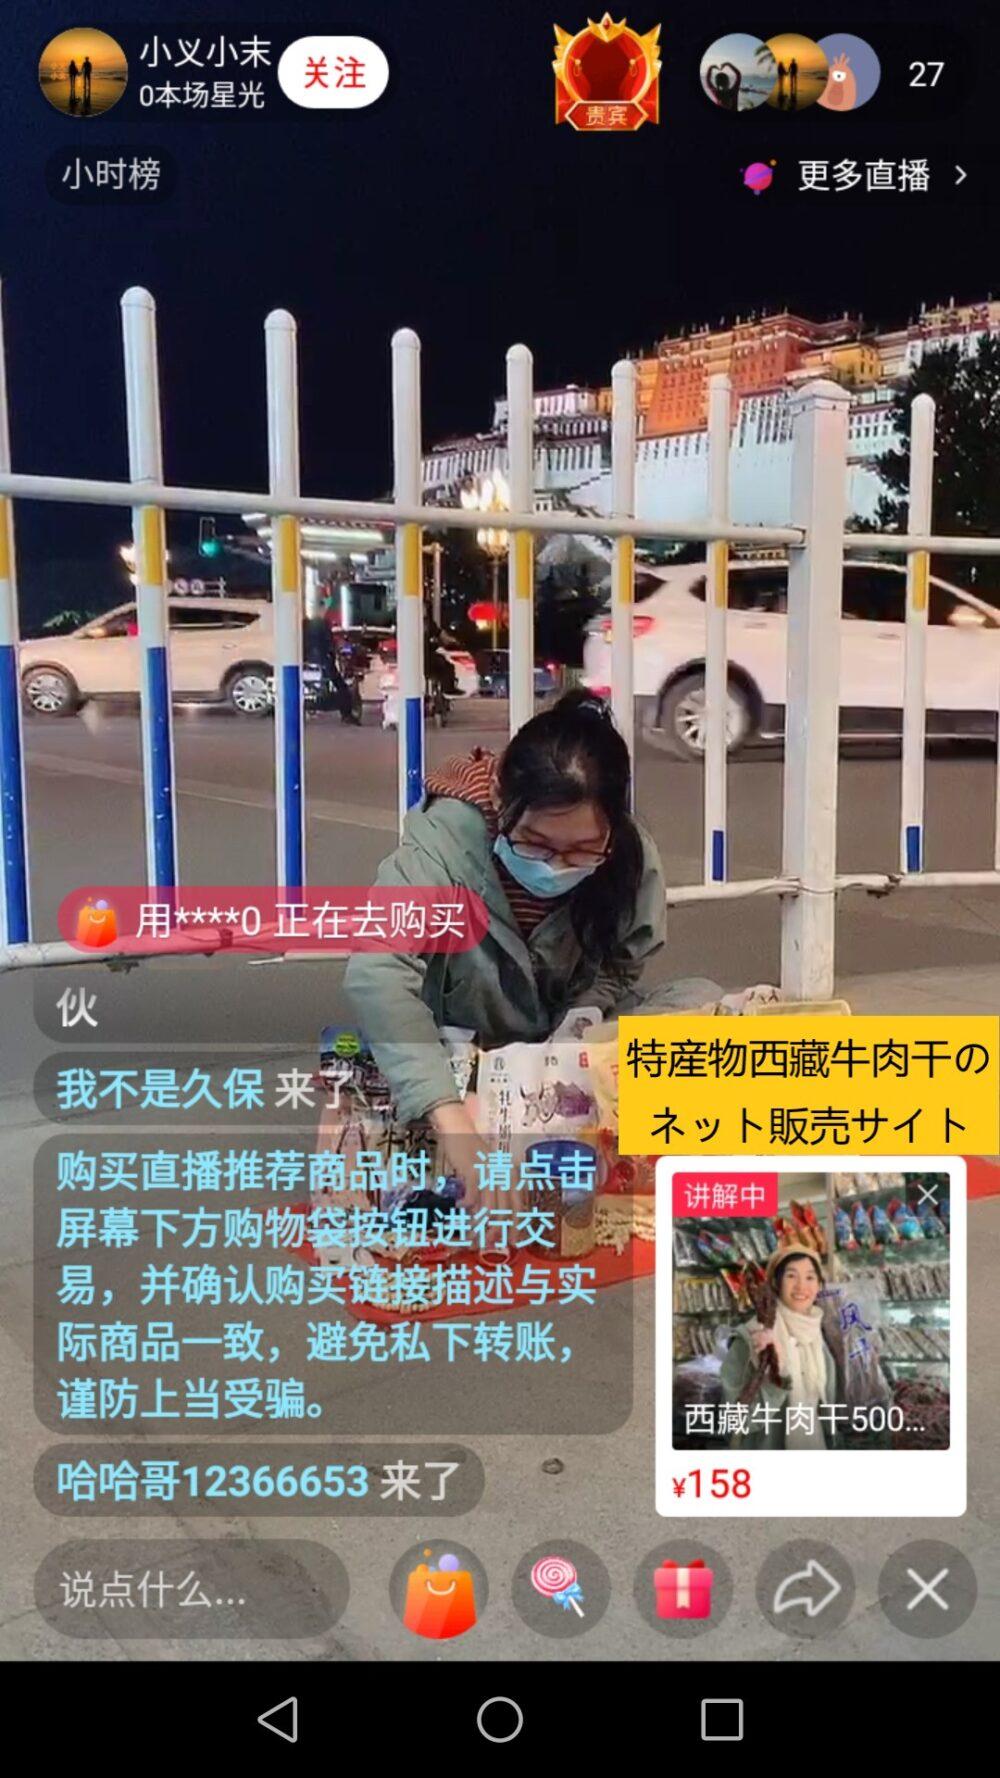 西瓜视频でチベットのラサからライブ動画を配信して物販をしている様子のスクリーンショットの画像